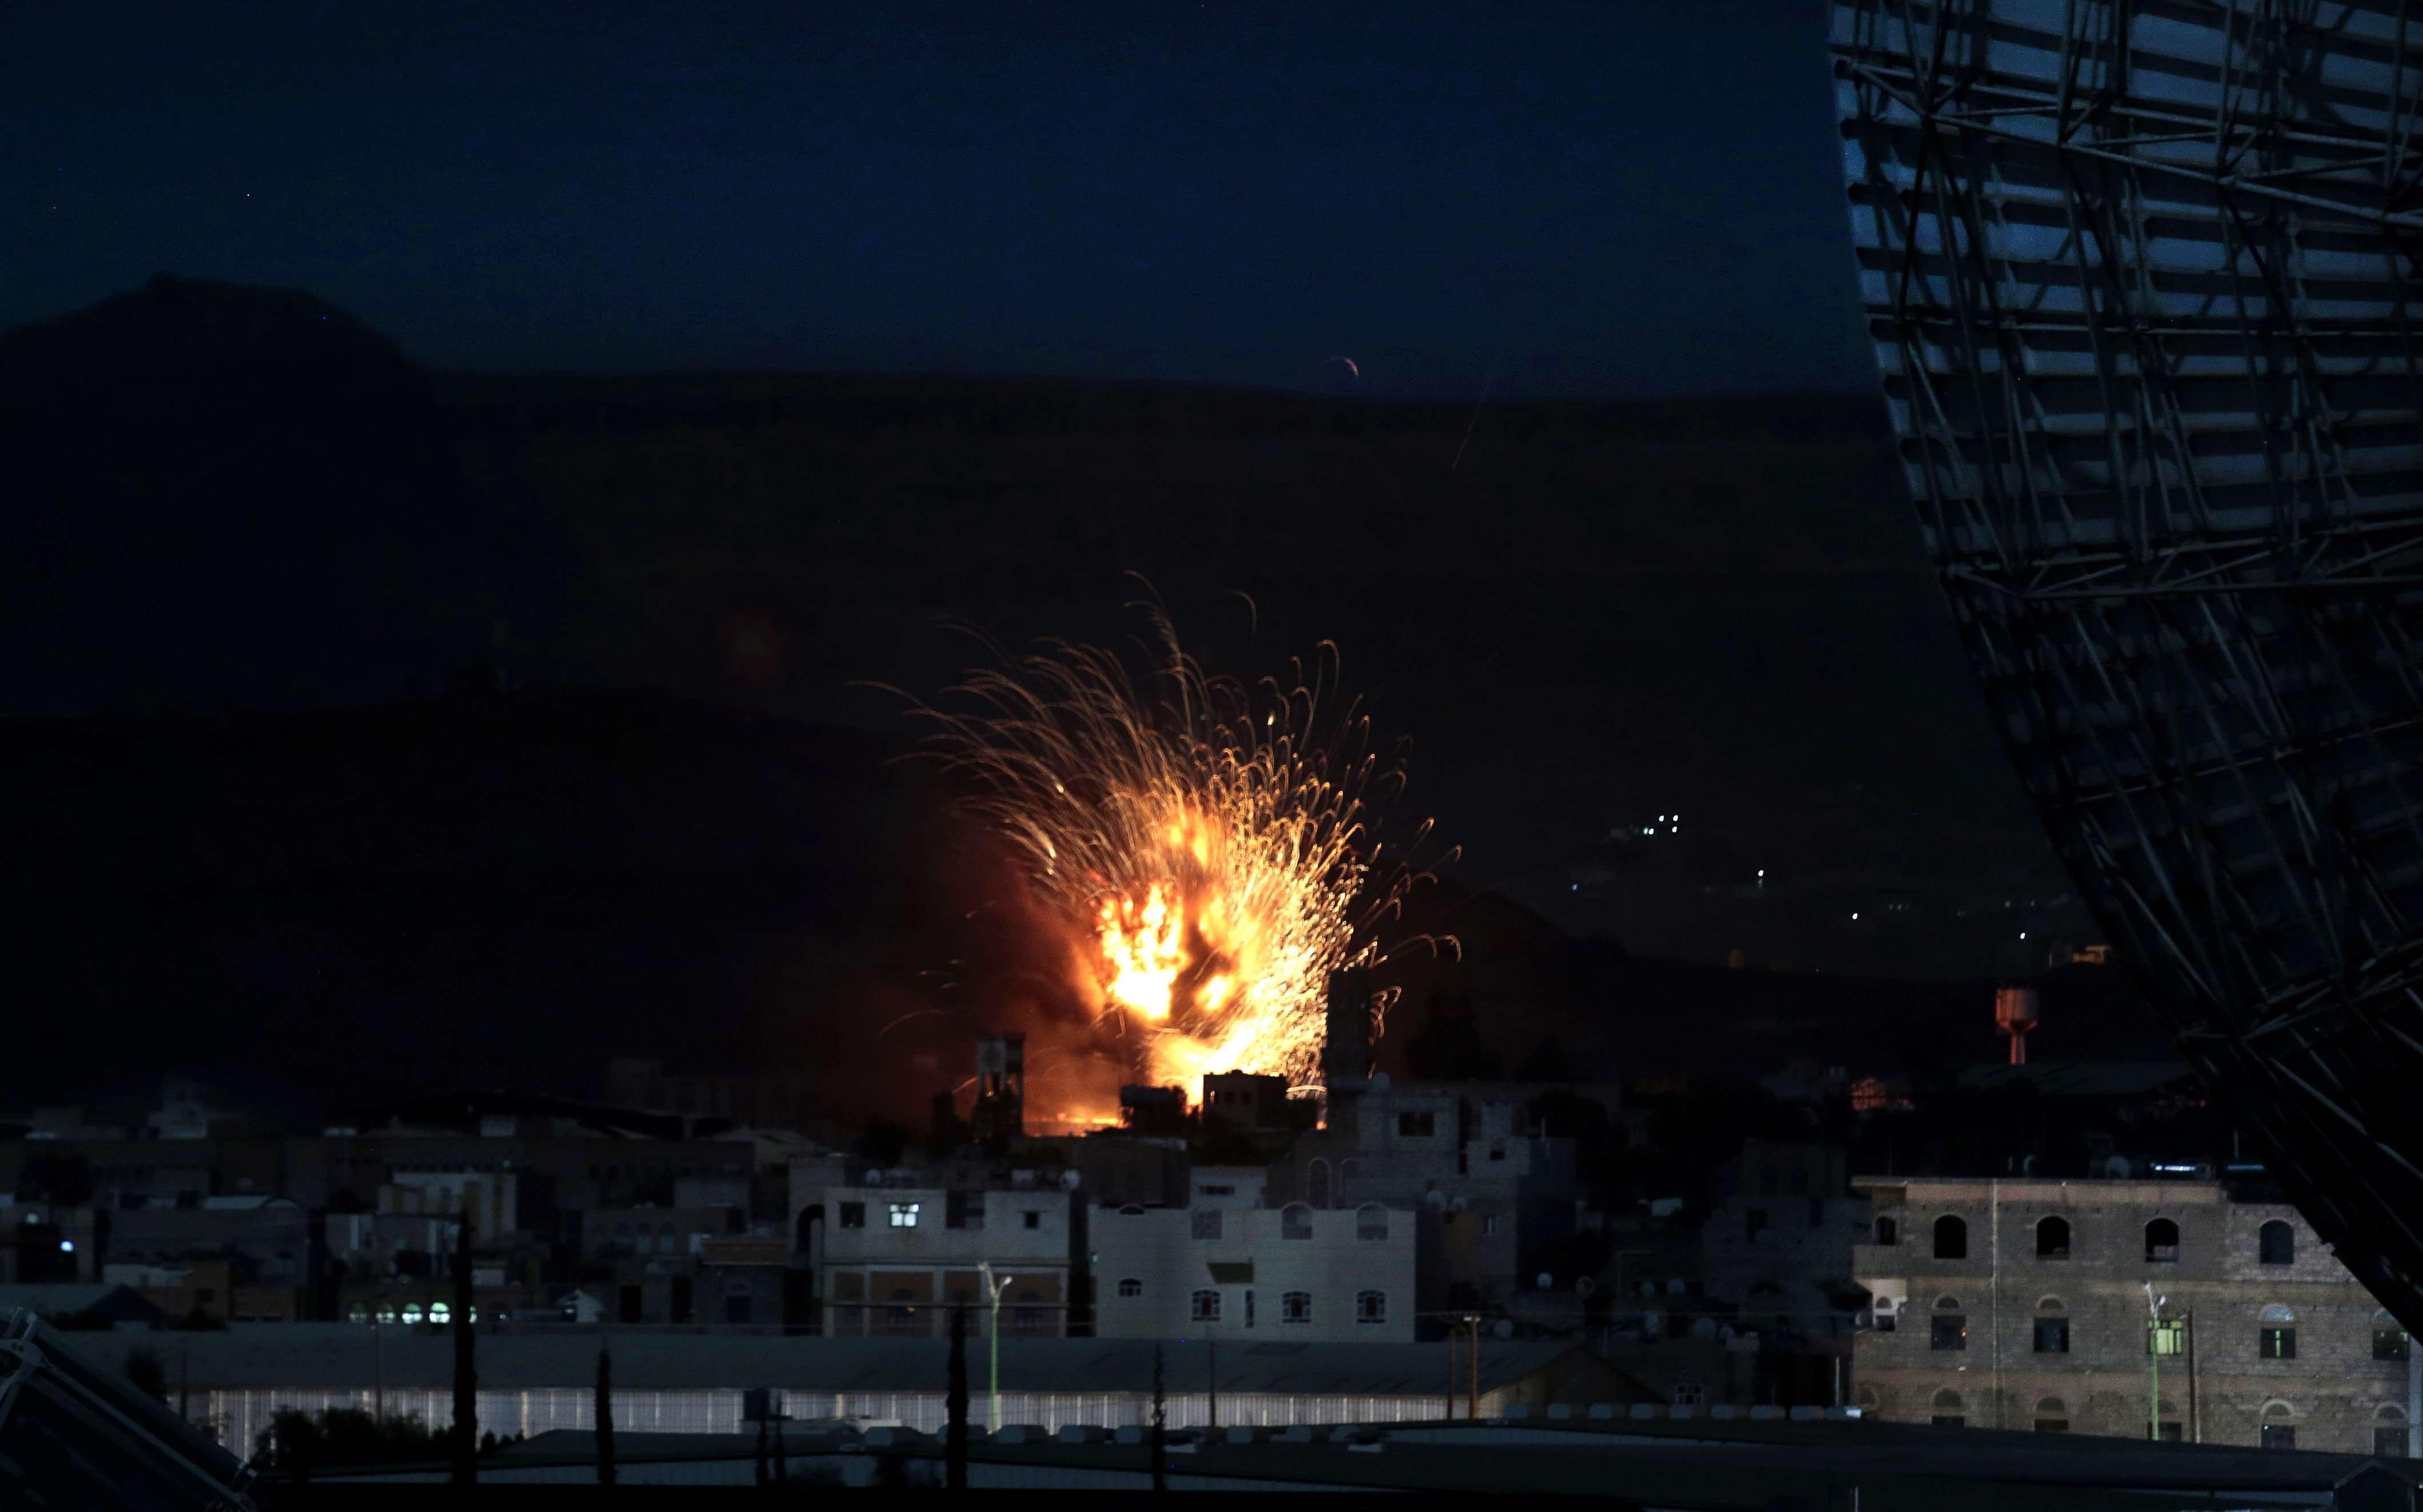 Un bombardement saoudien au Yémen, en janvier 2017 (image d'illustration).